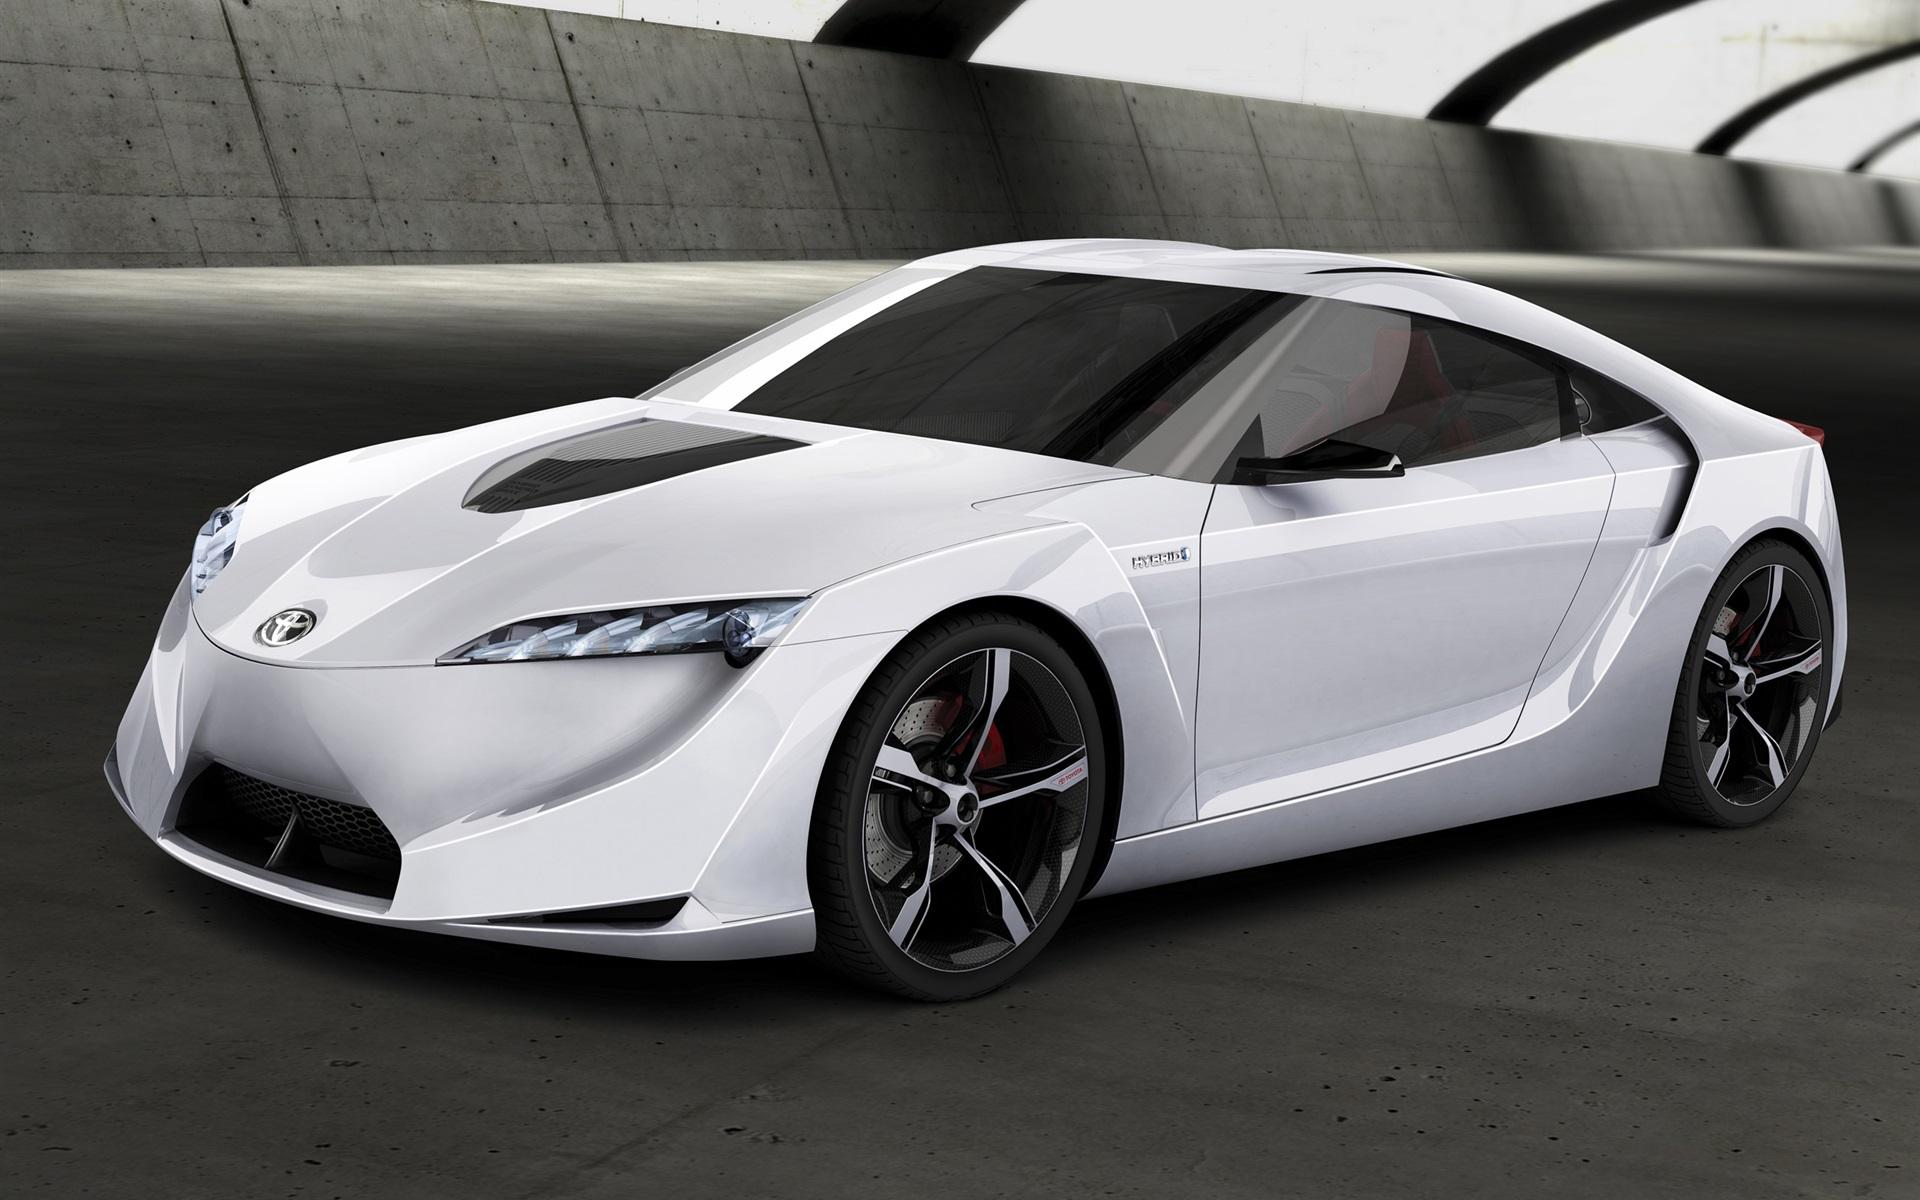 fonds d 39 cran t l charger 1920x1200 toyota ft hs concept de voiture blanche fond hd. Black Bedroom Furniture Sets. Home Design Ideas